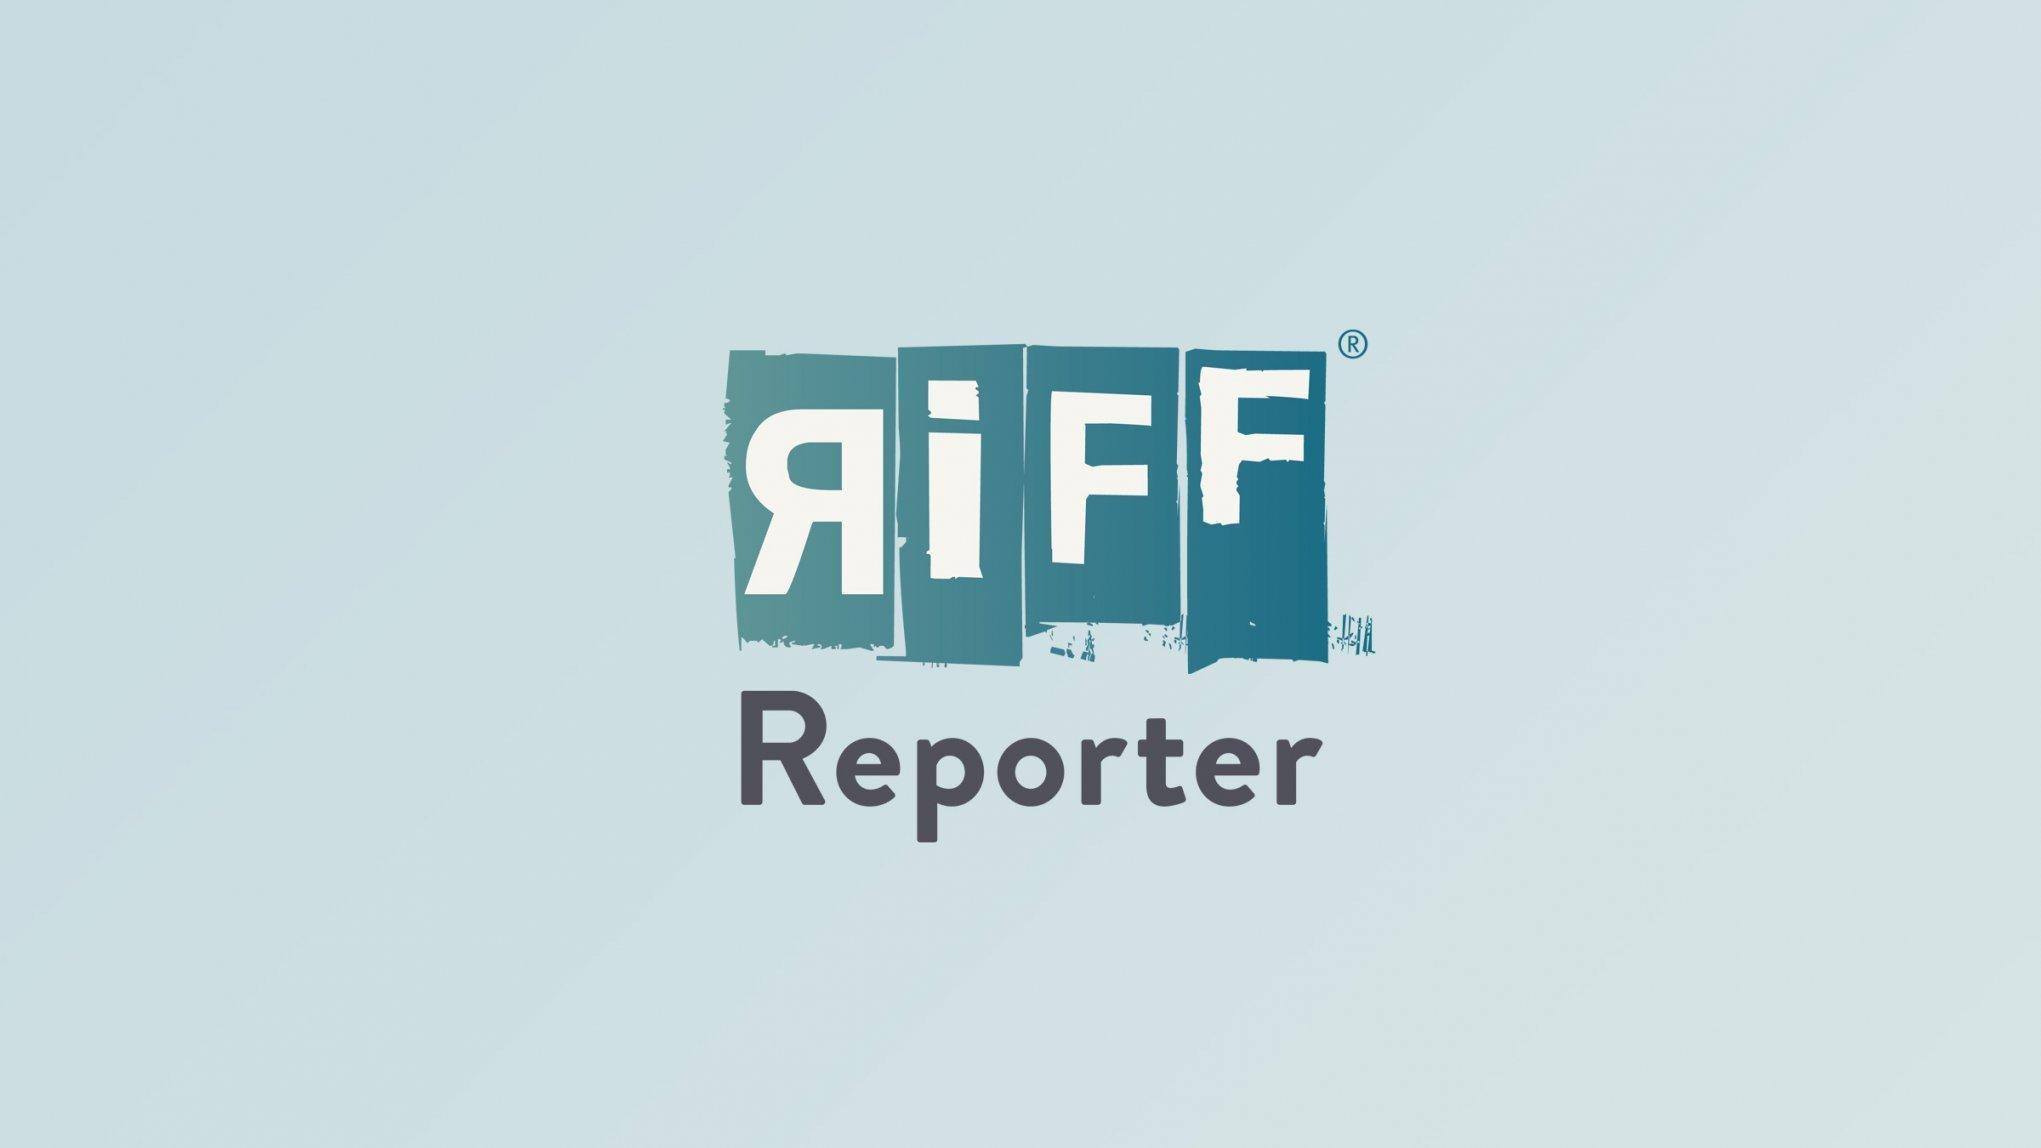 Ein Schneeleopard schaut in einem Gebirge abwärts.